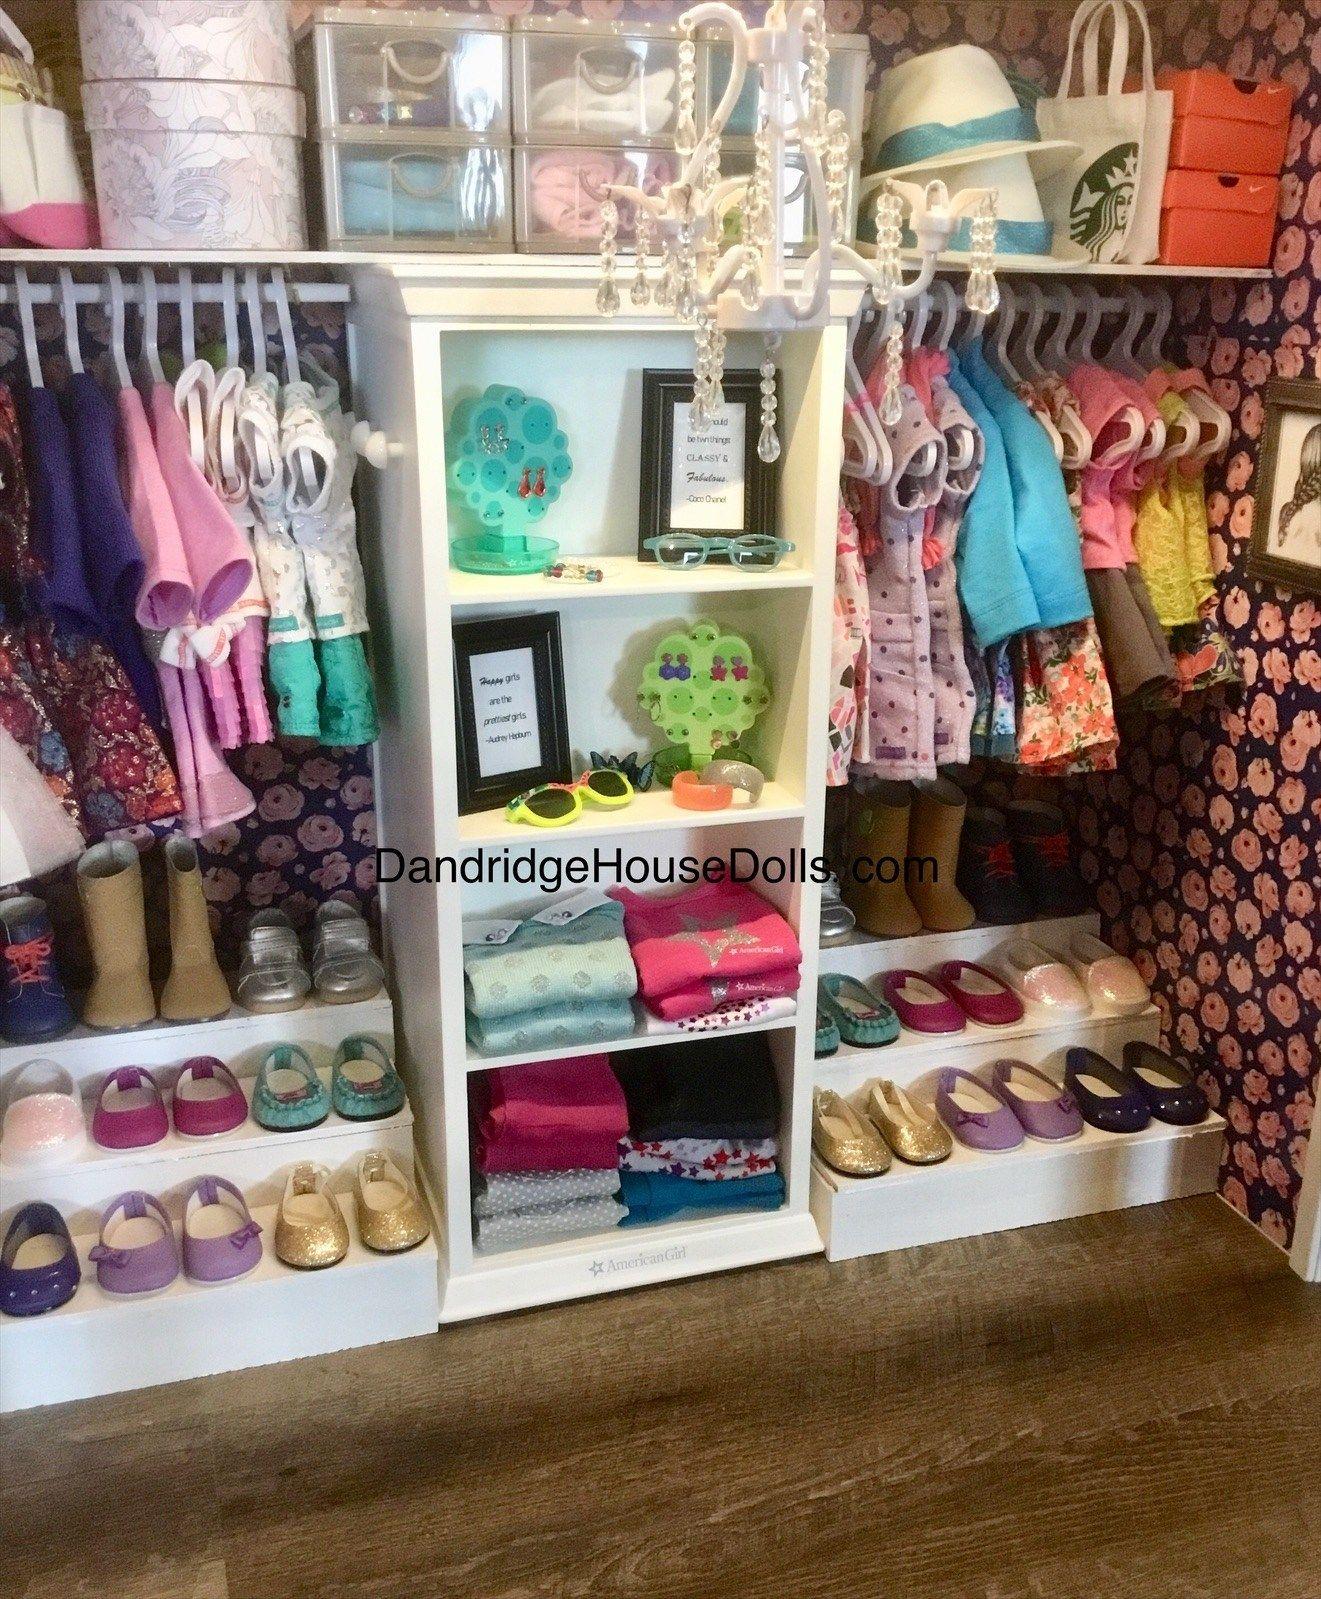 American Girl Doll Truly Me Dollhouse Emma & Ella's Walk-In Closet   Dandridge House Dolls #americangirldollcrafts